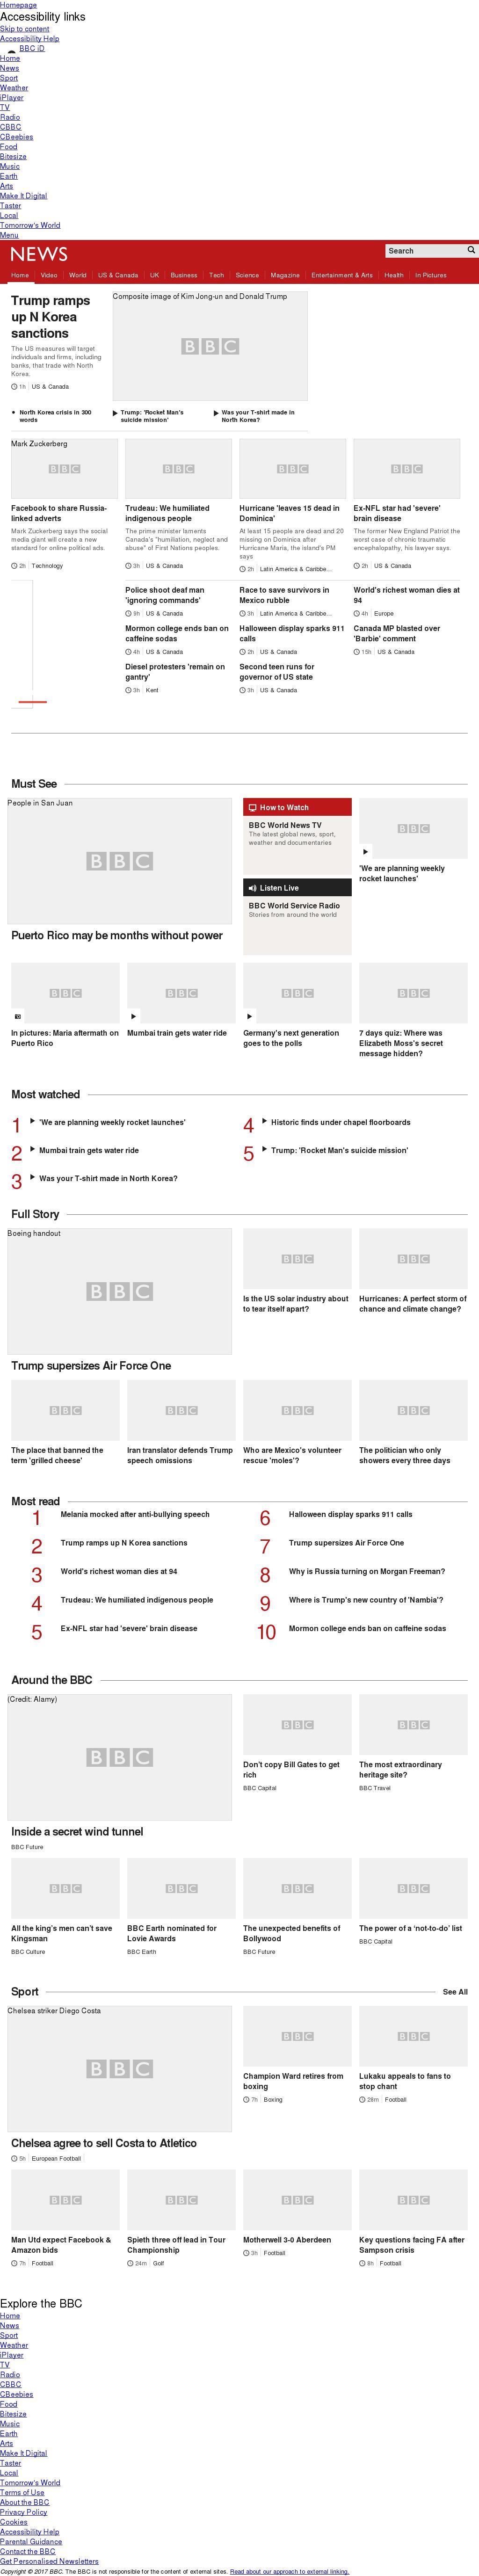 BBC at Friday Sept. 22, 2017, midnight UTC